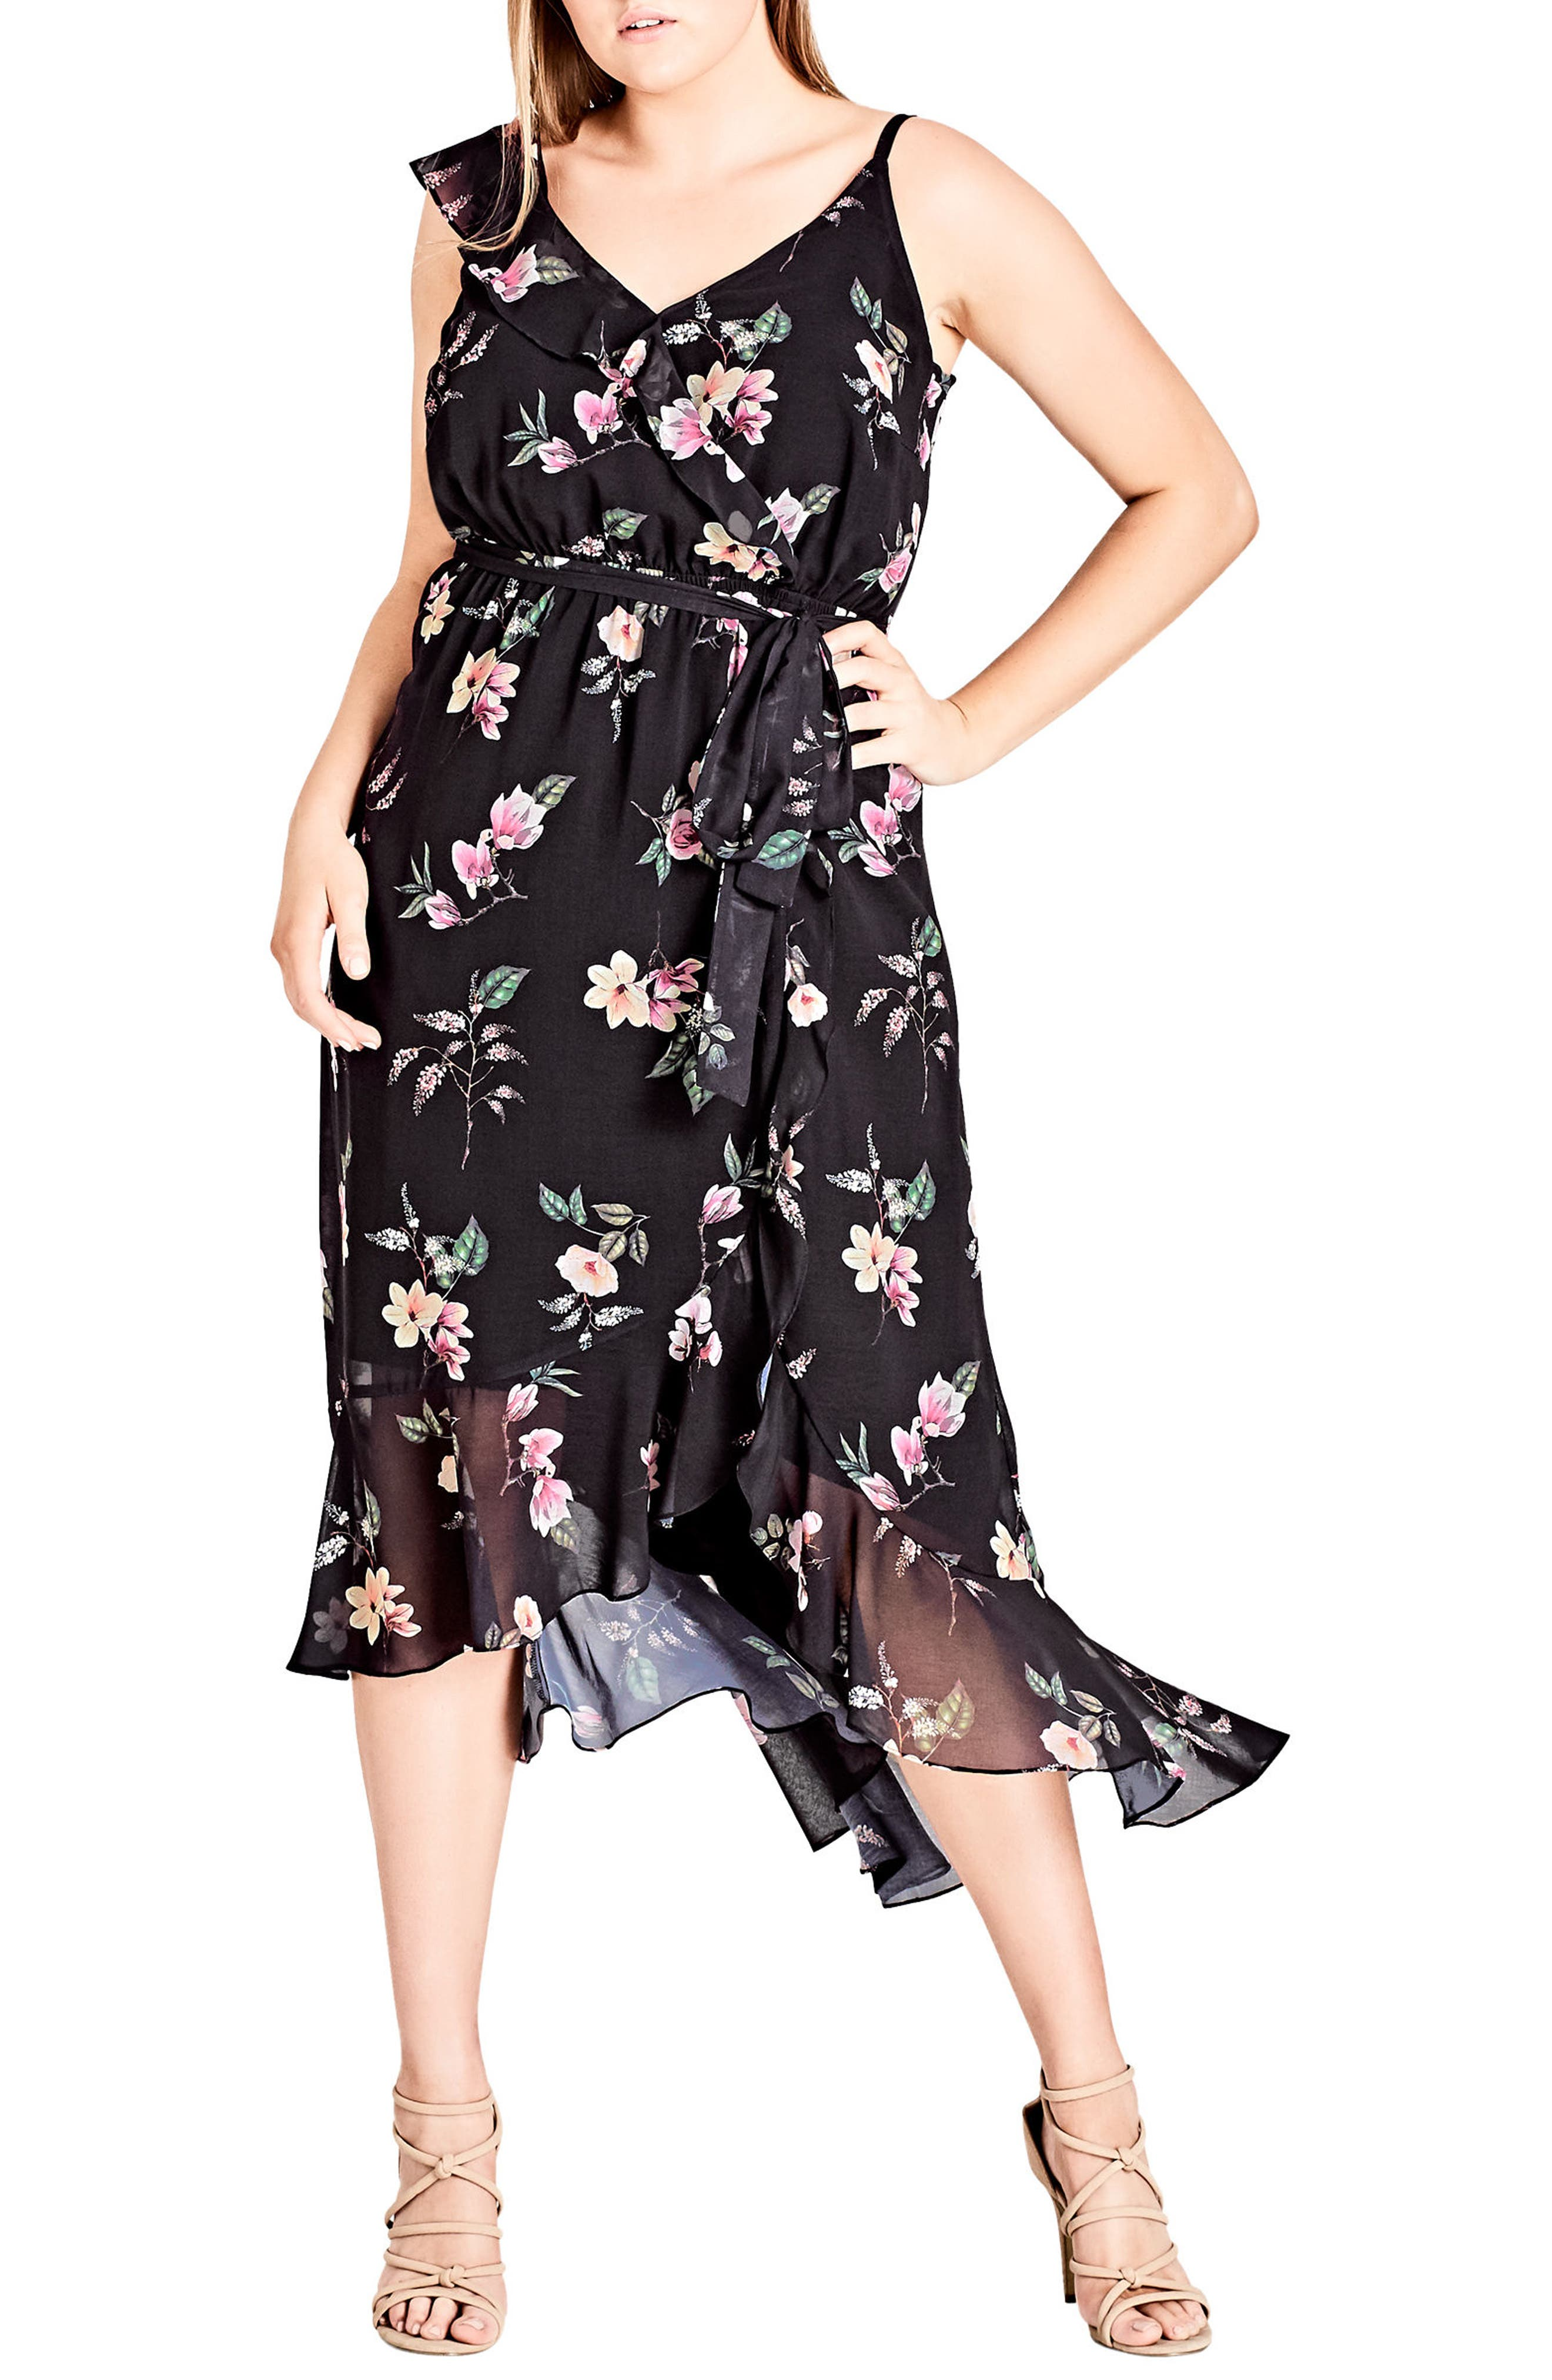 Captivate Floral Dress,                         Main,                         color, 001